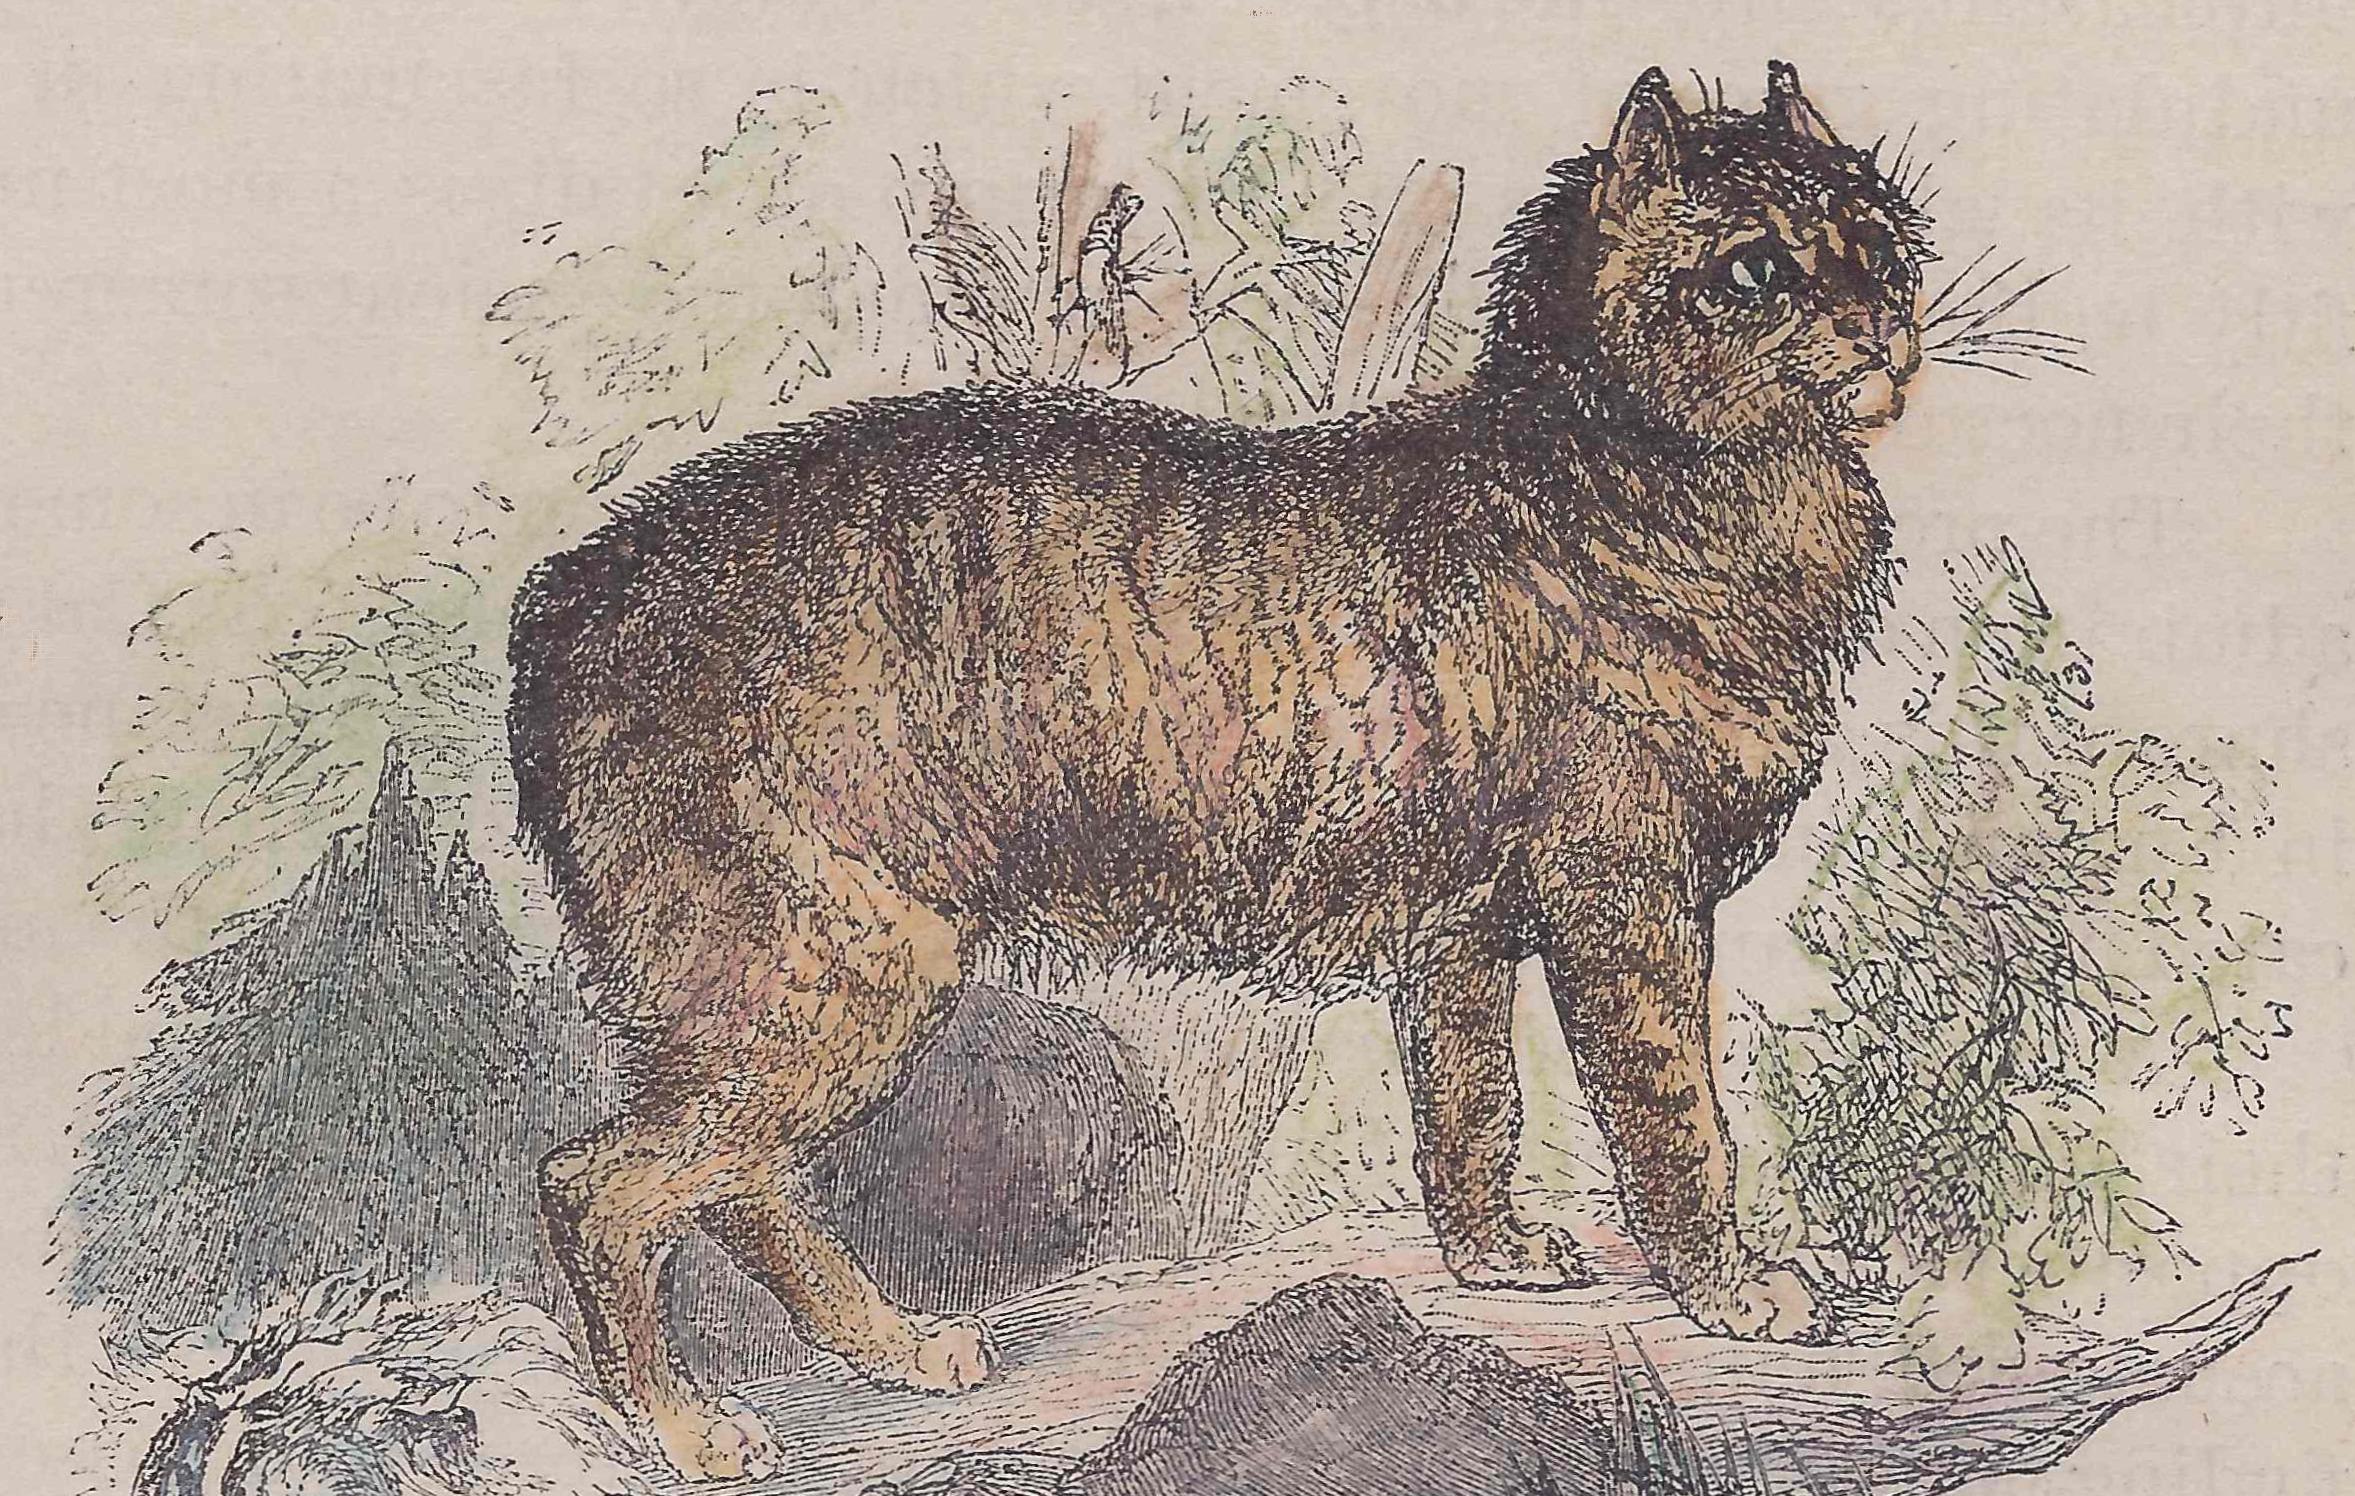 File:Manx cat (stylized) 1885.jpg - Wikimedia Commons  |Manx Cat History